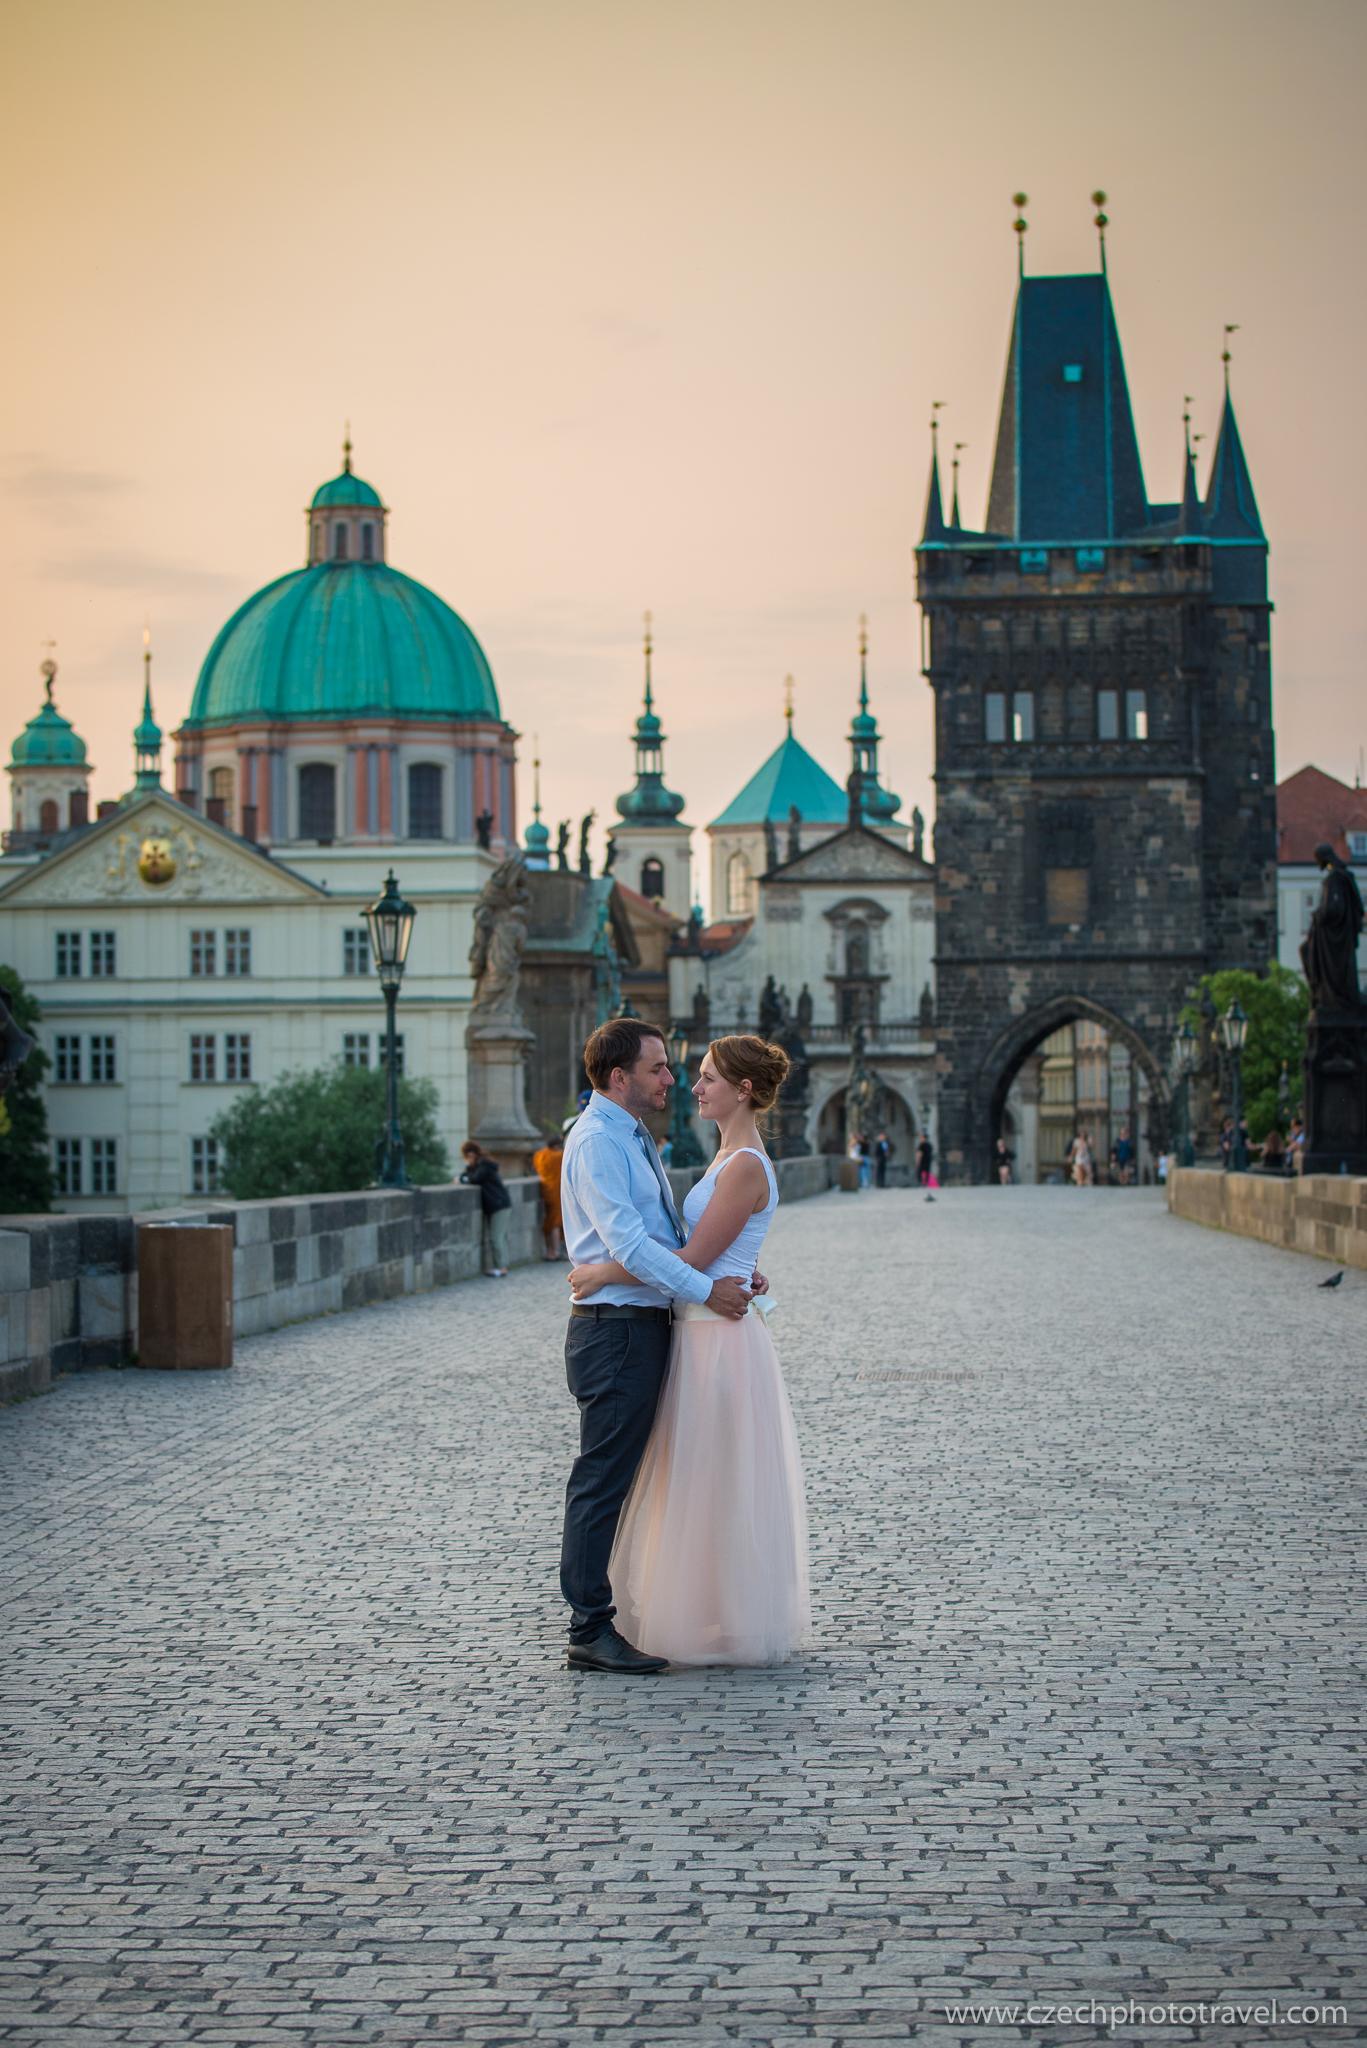 Wedding photos - Prague - sunset